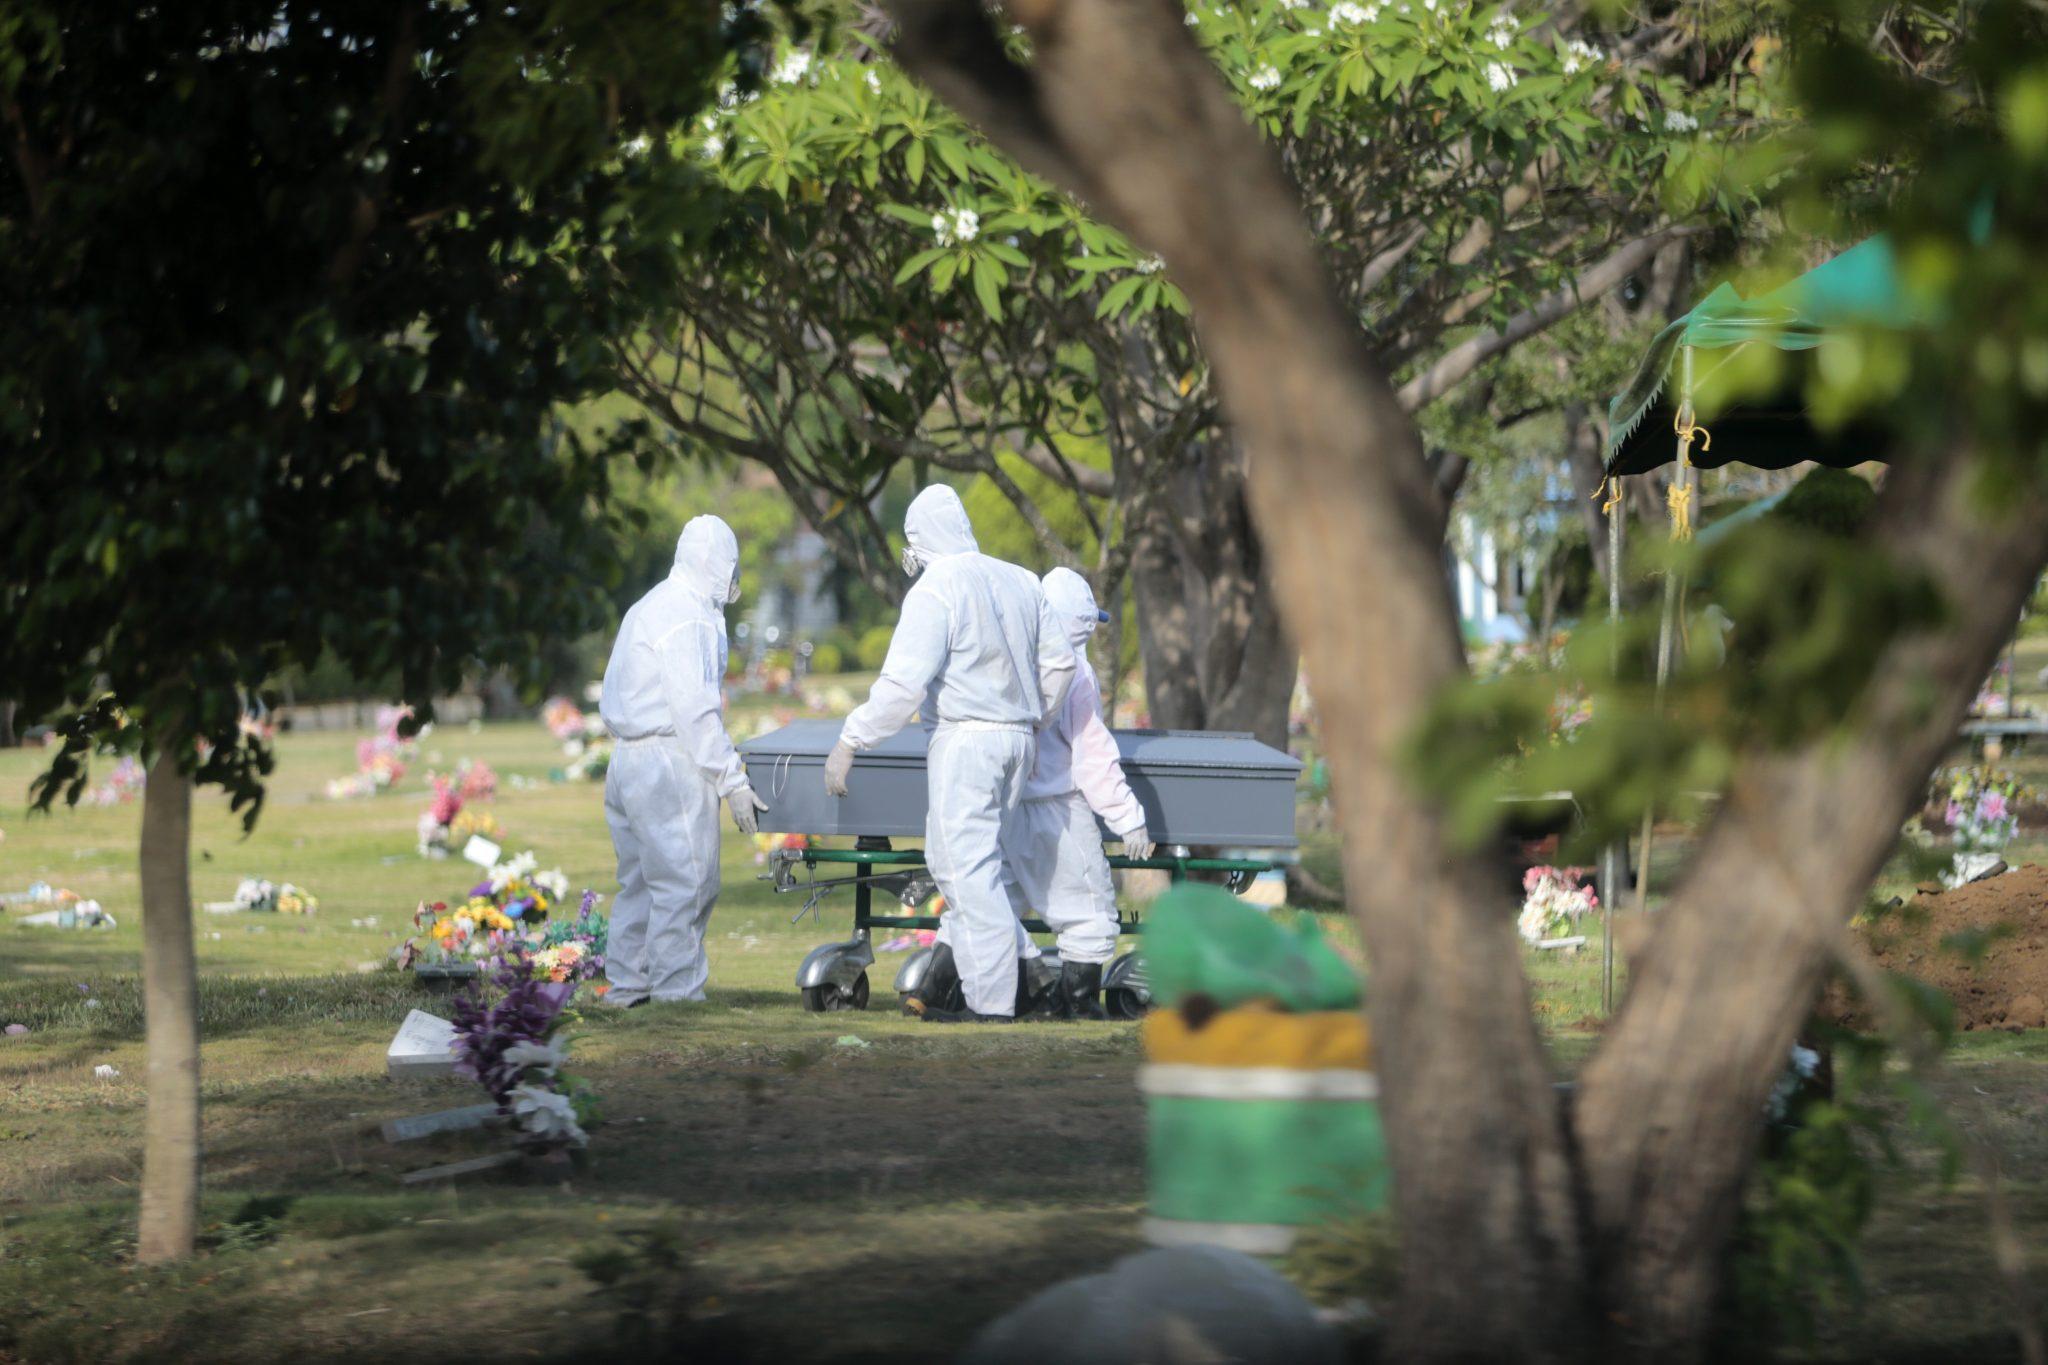 Nicaragua paga caro inacción del régimen ante pandemia